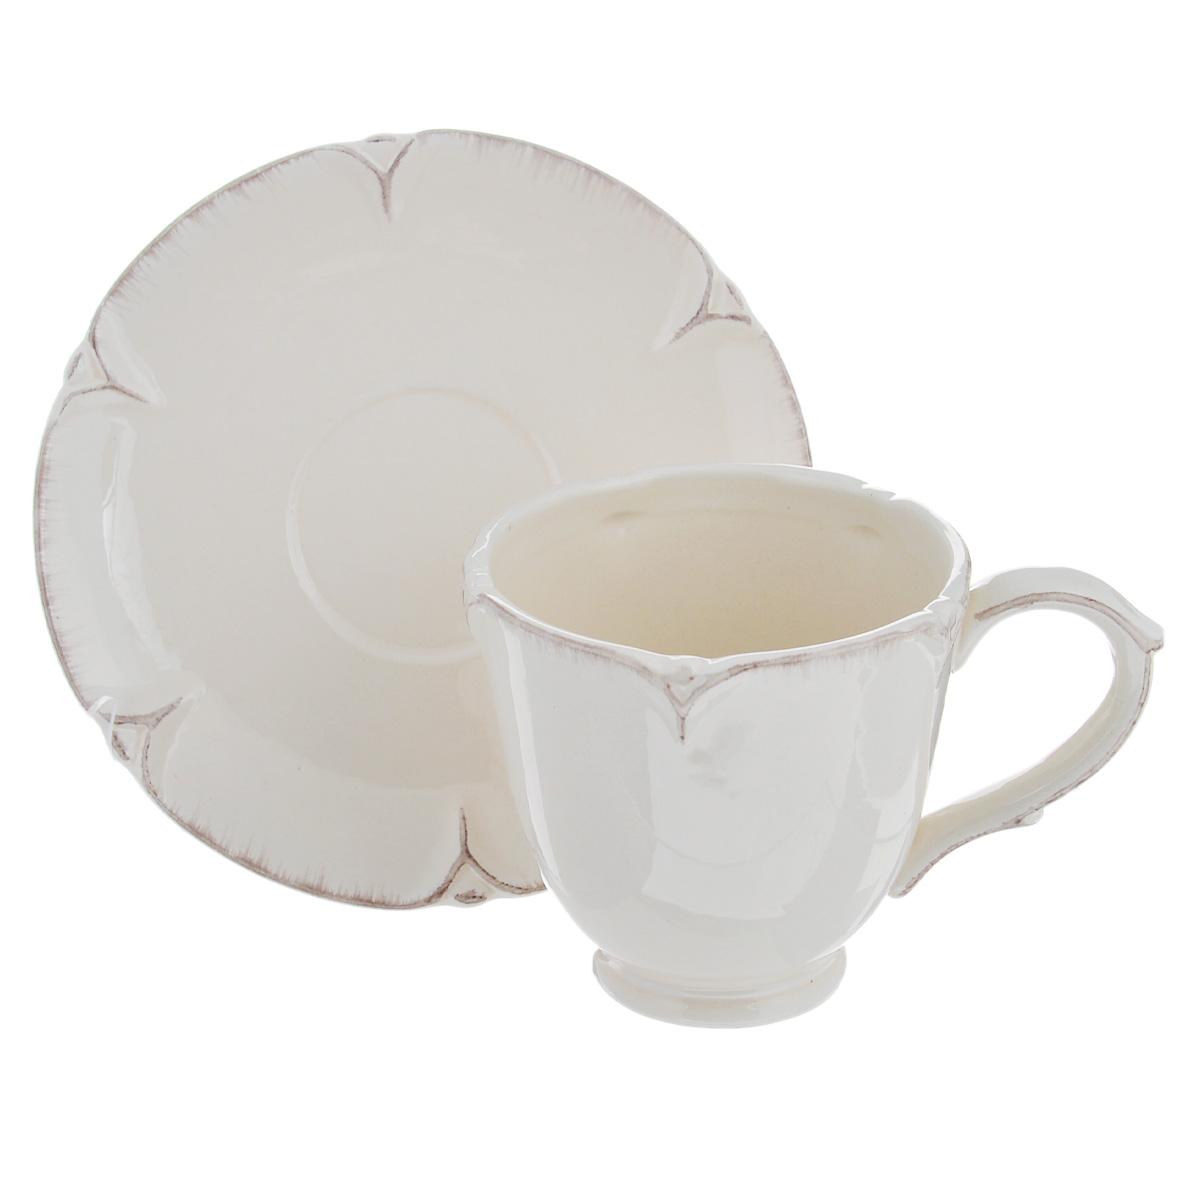 Чайная пара Lillo Ideal, 2 предмета. 214203115510Чайная пара Lillo Ideal сочетает в себе изысканный дизайн с максимальной функциональностью. Чашка с блюдцем выполнены из высококачественной керамики. Оформление придется по вкусу и ценителям классики, и тем, кто предпочитает утонченность и изысканность. Такая чайная пара станет отличным сувениром для ваших друзей и близких.Можно использовать в посудомоечной машине и микроволновой печи. Диаметр чашки по верхнему краю: 9 см.Высота чашки: 9 см.Объем чашки: 300 мл.Диаметр блюдца: 15 см.